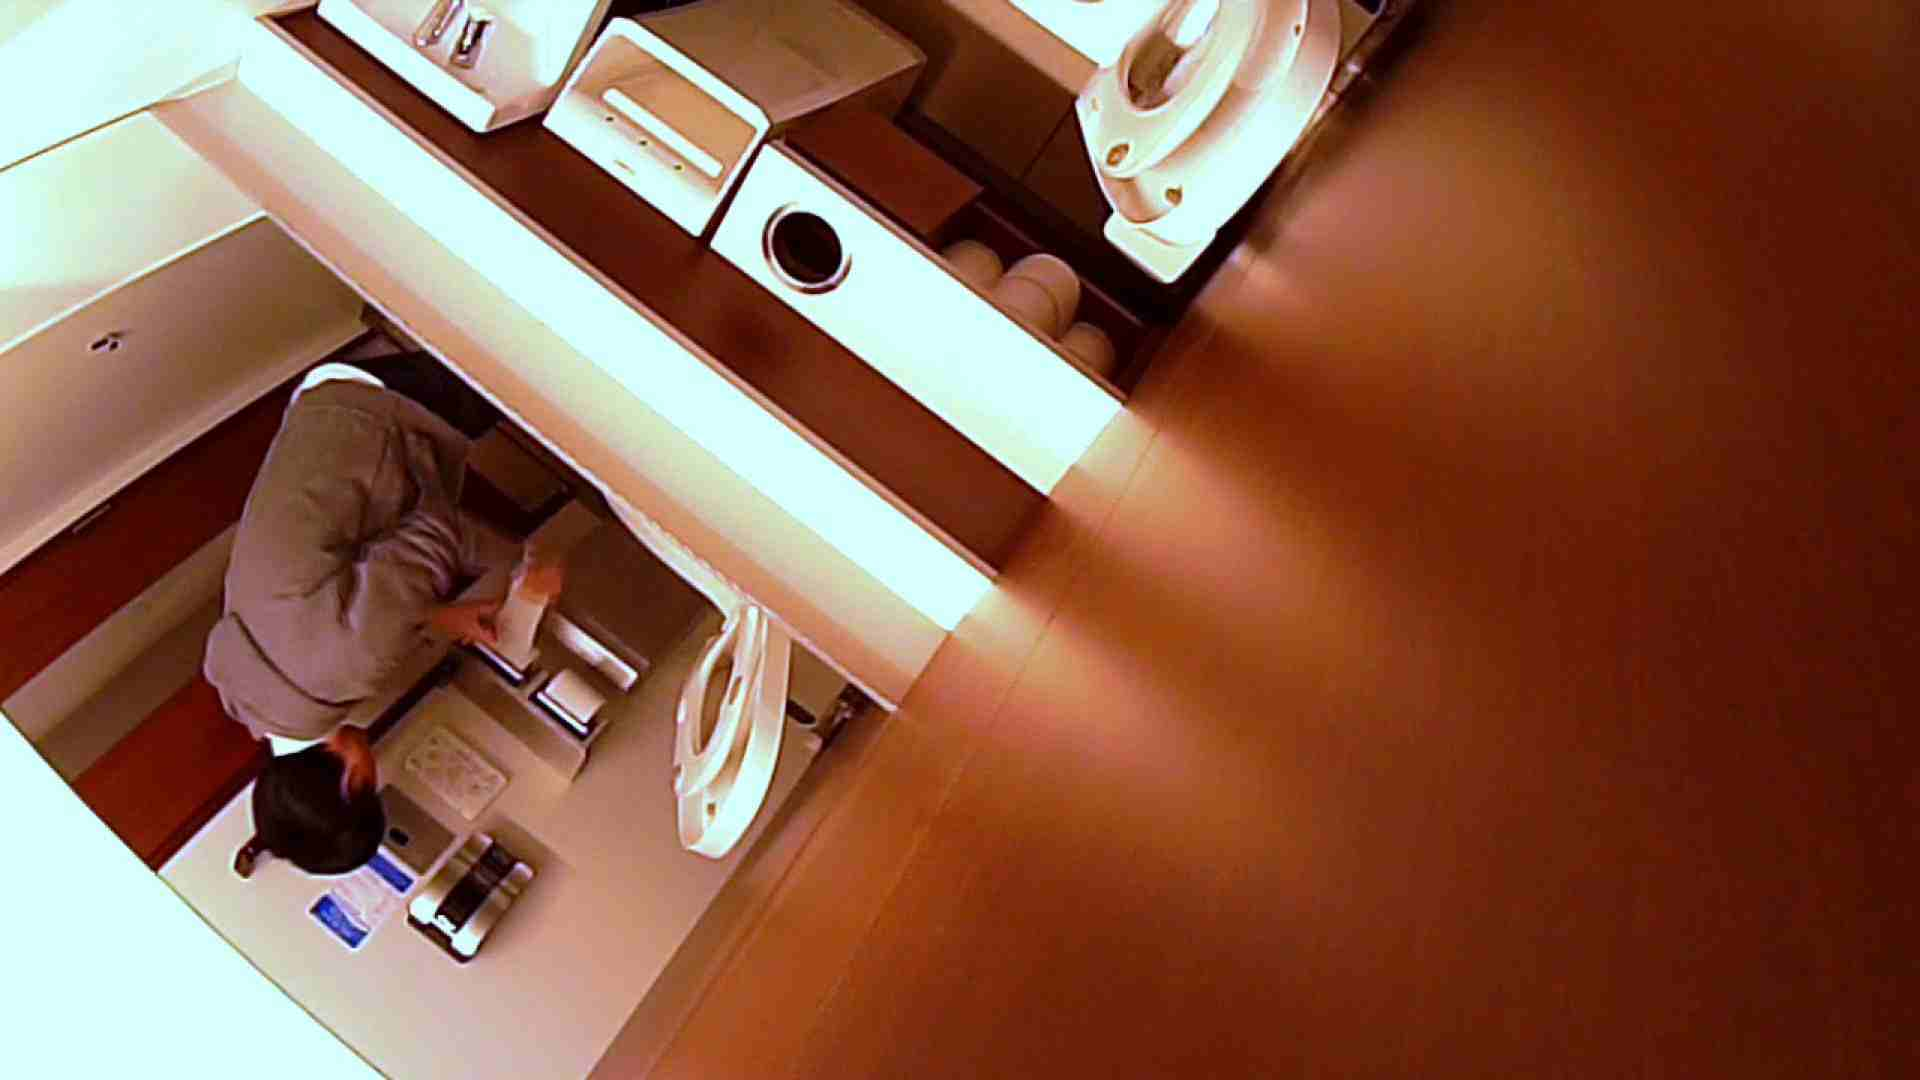 すみませんが覗かせてください Vol.27 トイレ | 0  101枚 61